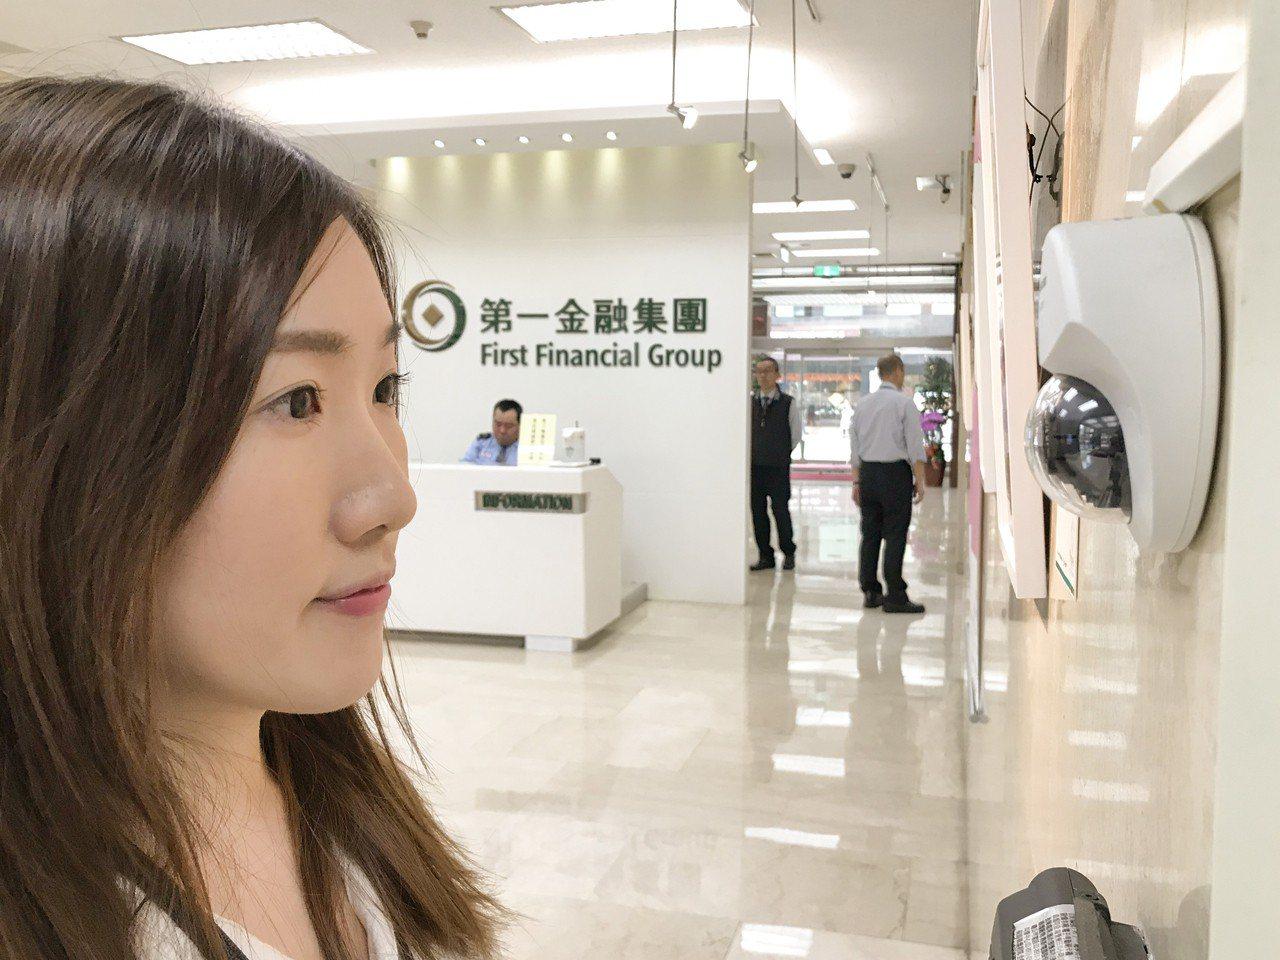 金融業首創! 第一銀行「刷臉上班」正式亮相。 圖/第一銀行提供